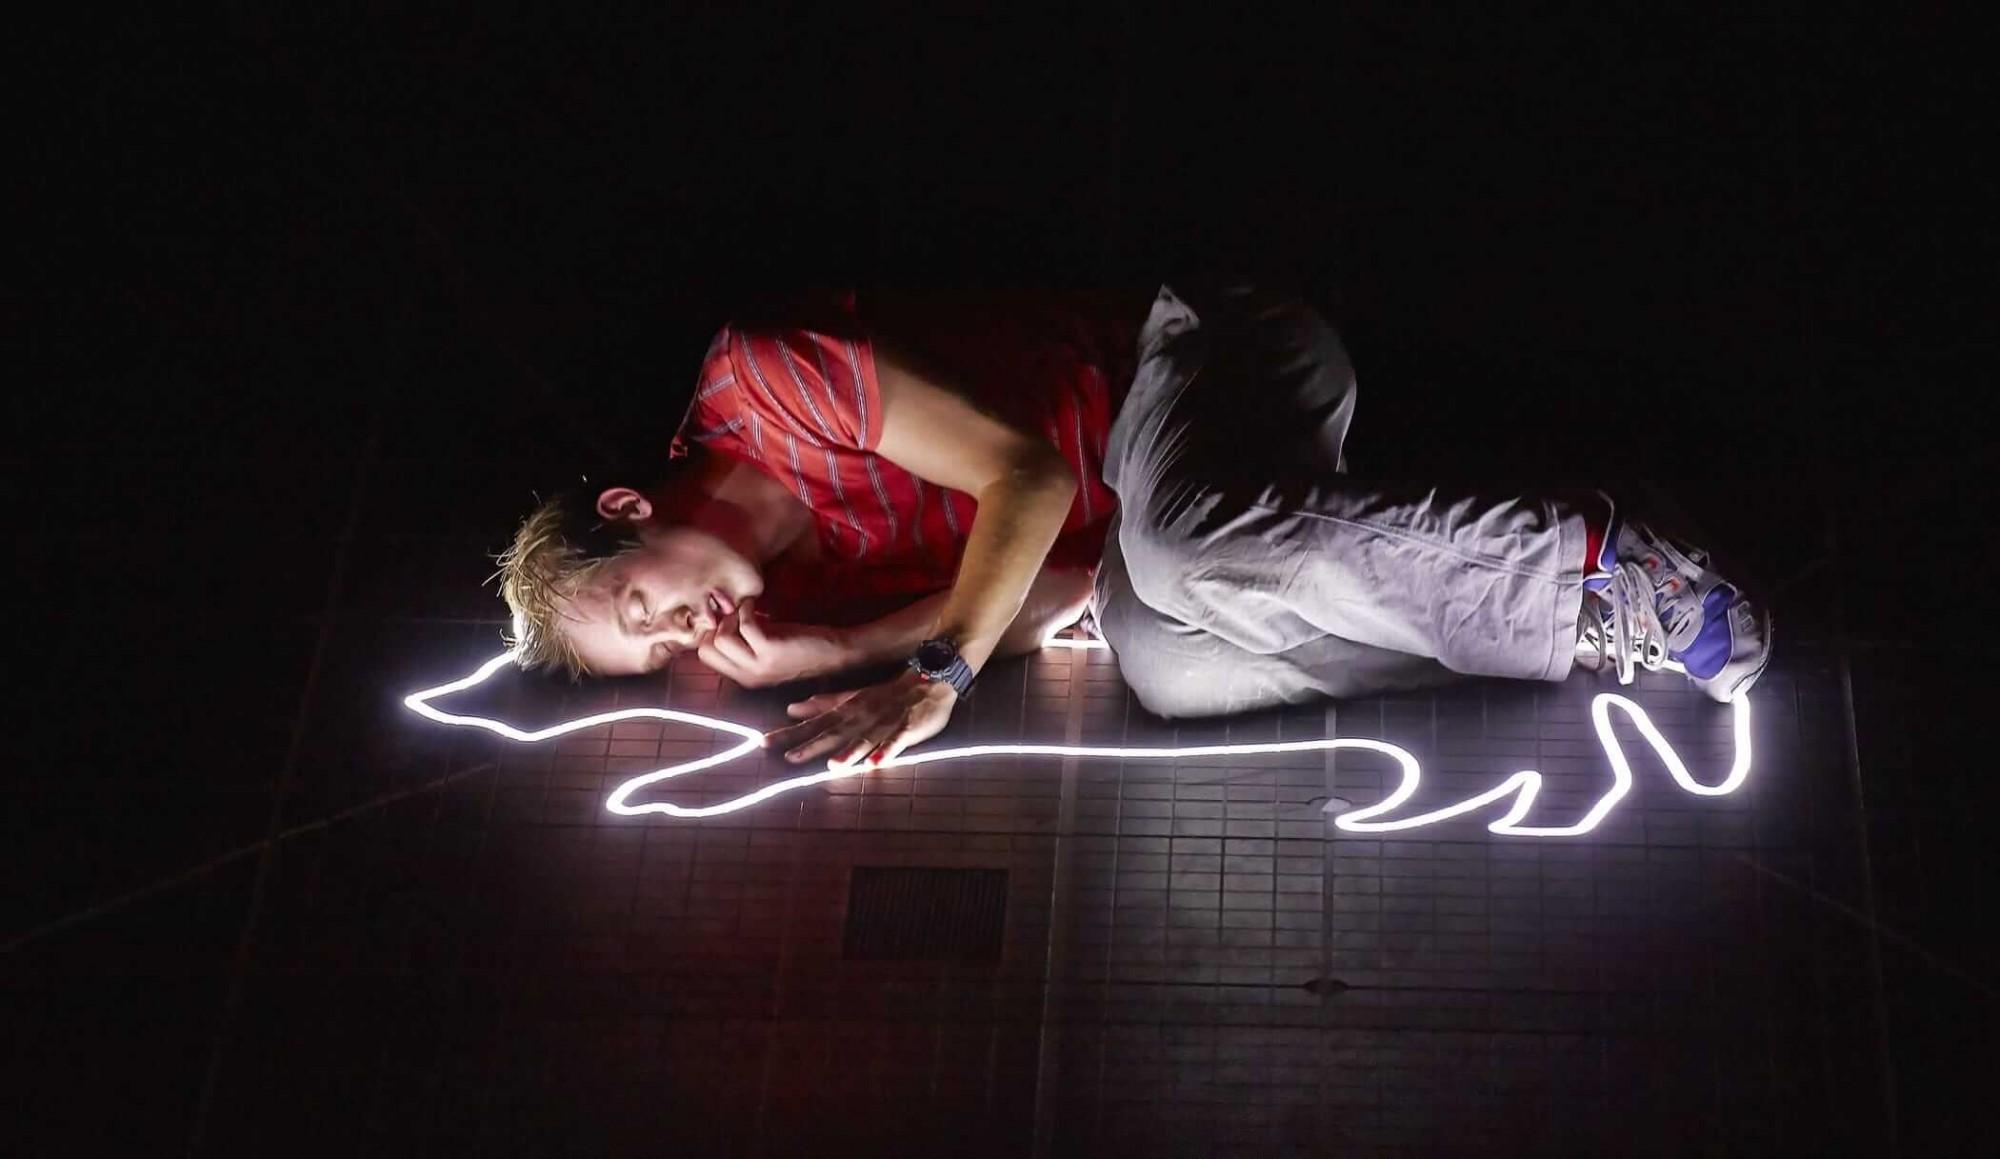 Фрагмент спектакля Лондонского королевского театра «Загадочное ночное убийство собаки» по одноименной книге Марка Хэддона